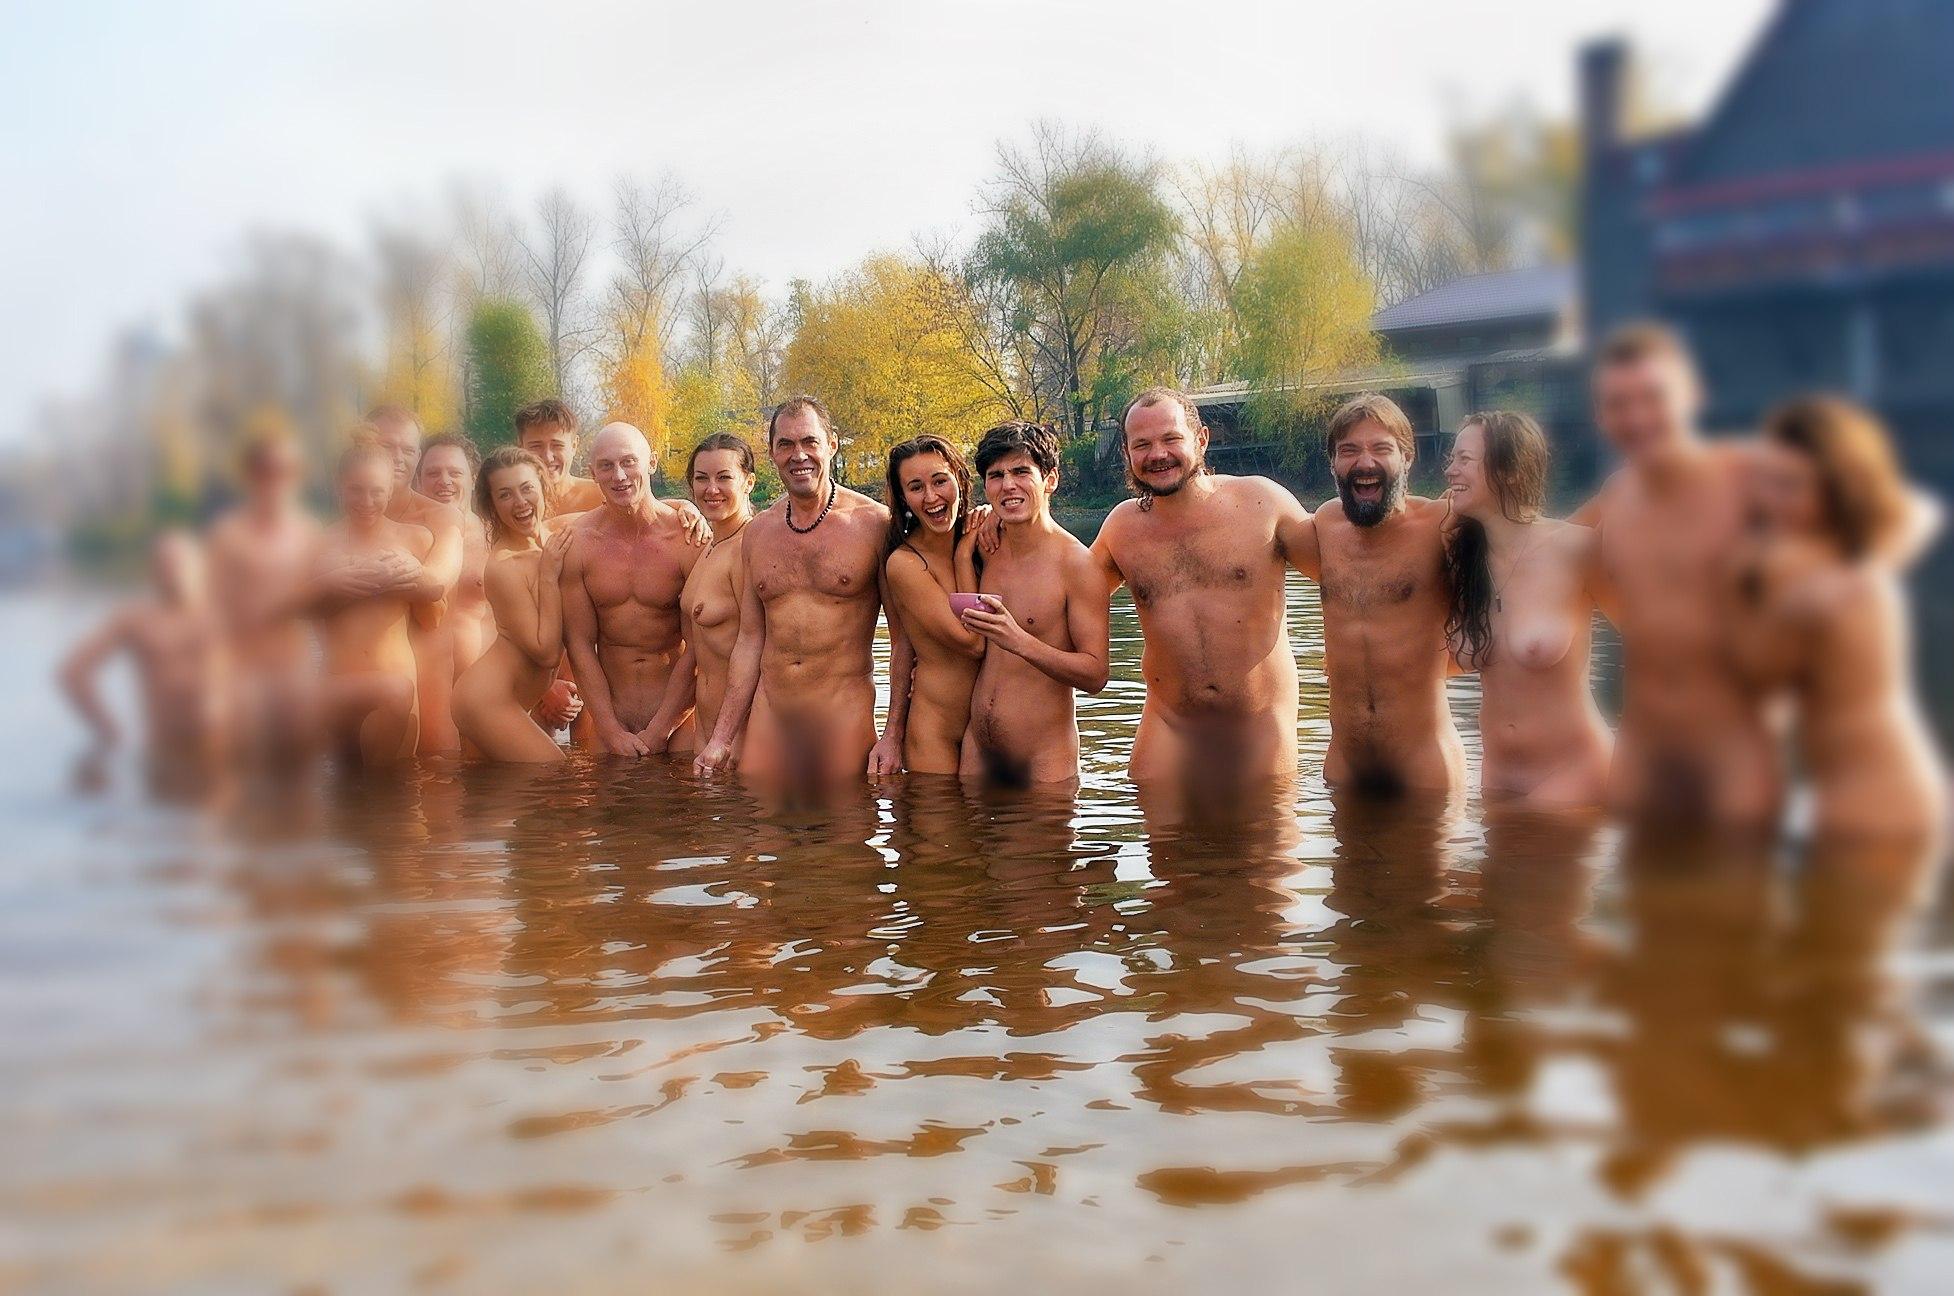 Фото киевских нудистов 19 фотография